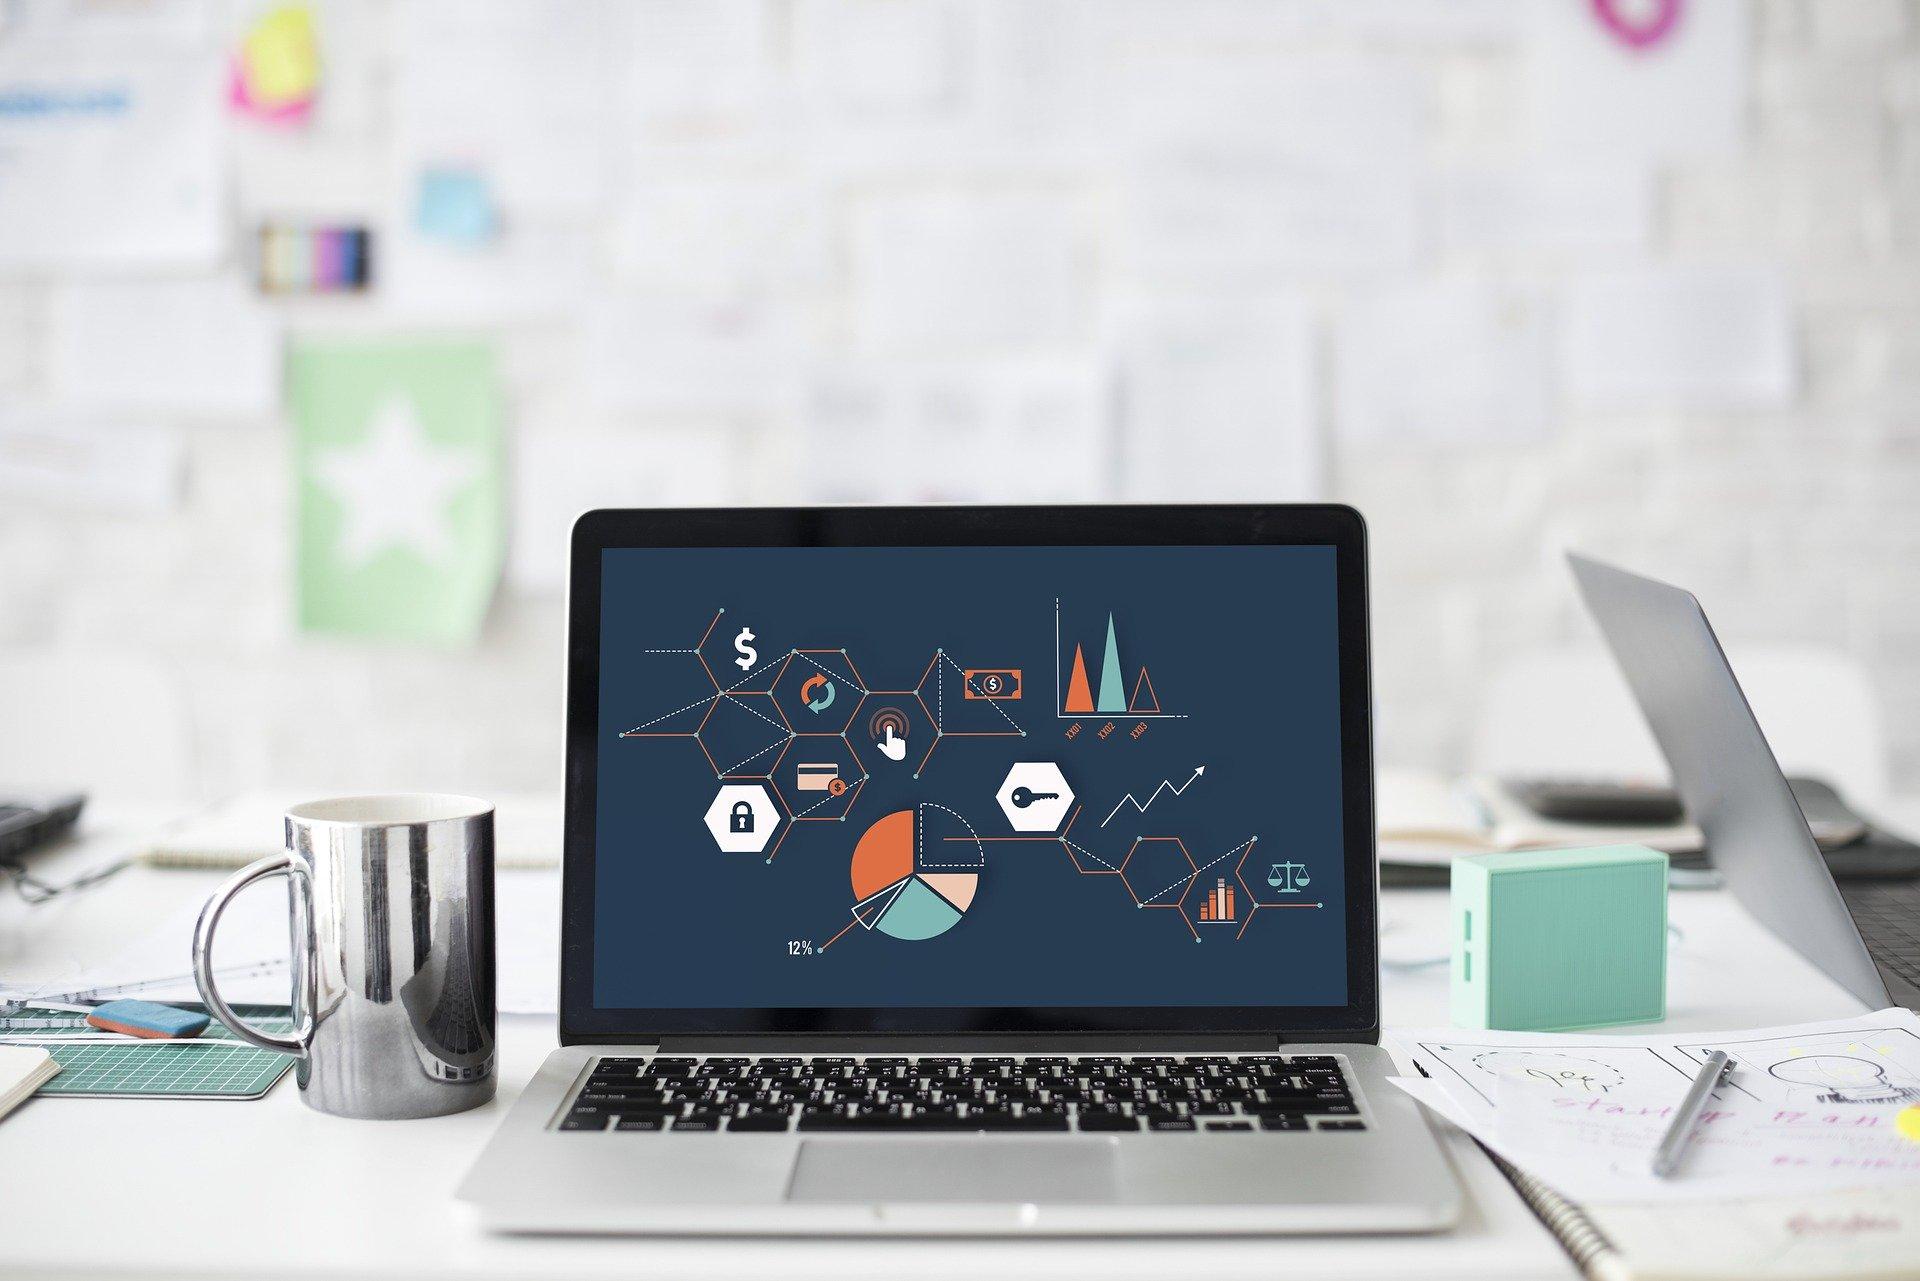 Technische Machbarkeitsstudie für deine Idee! Partnerprogramm